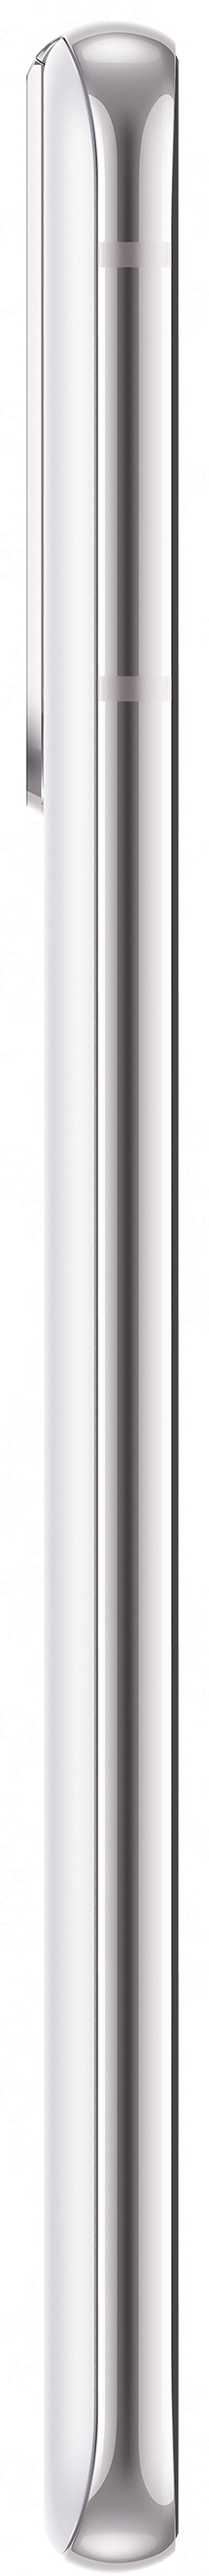 Samsung Galaxy S21 Phantom White 8GB RAM  128GB